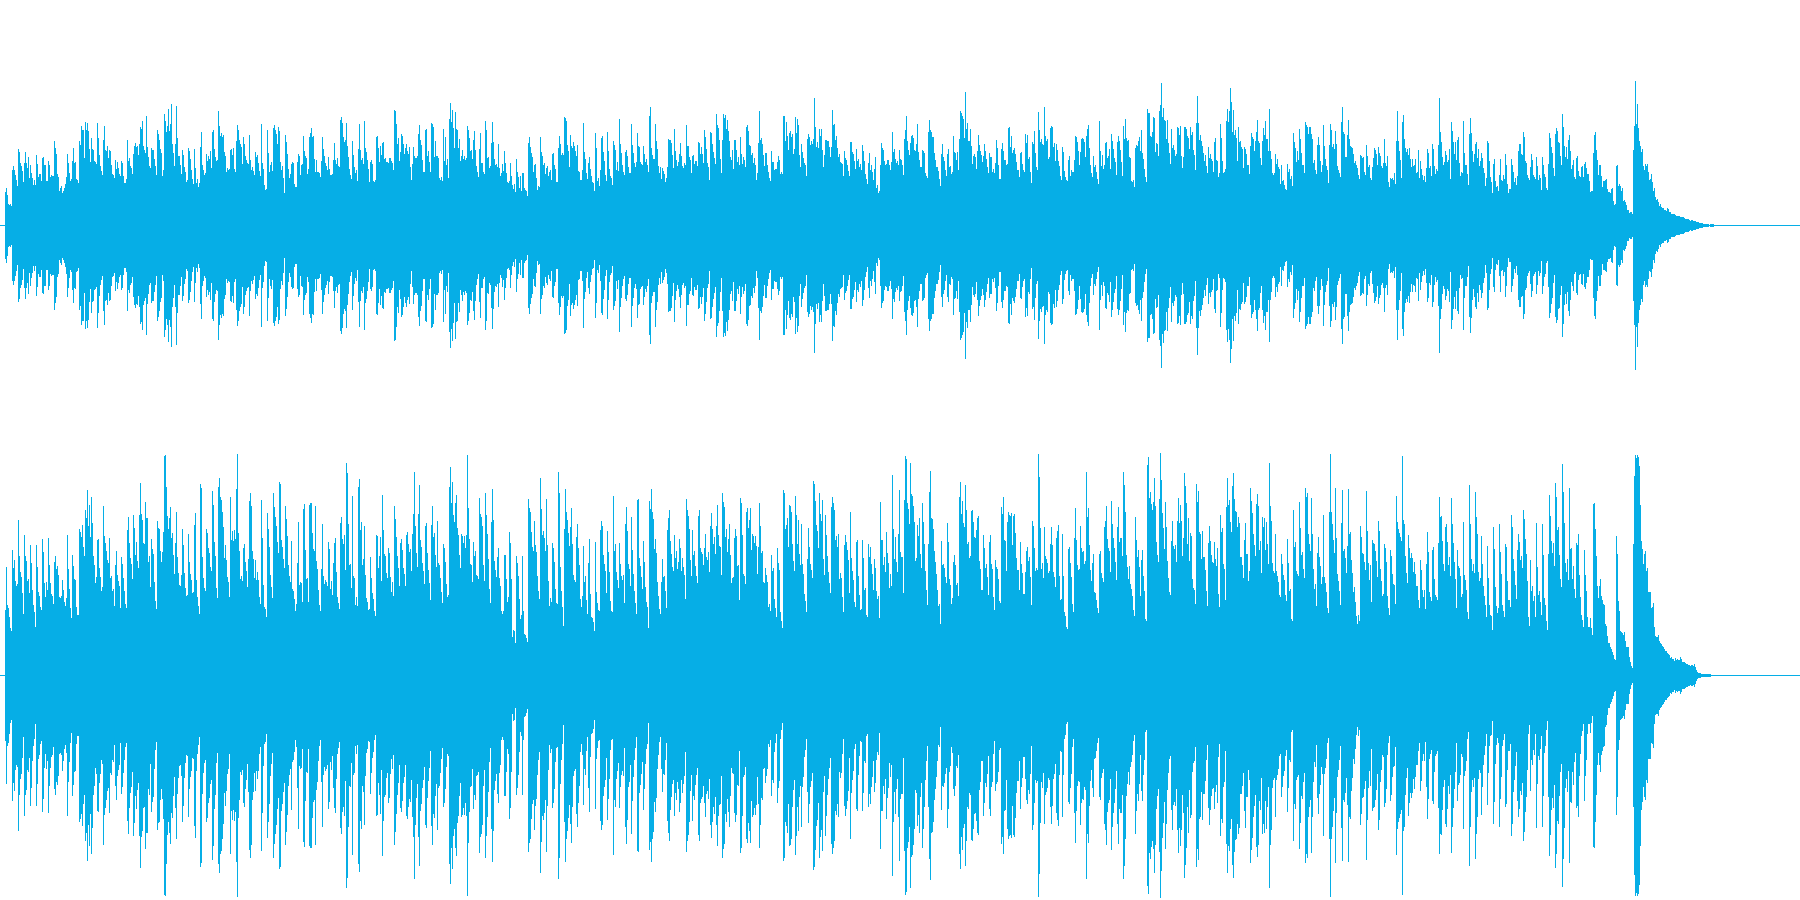 チェンバロによるバッハ風な悲しい感じの曲の再生済みの波形